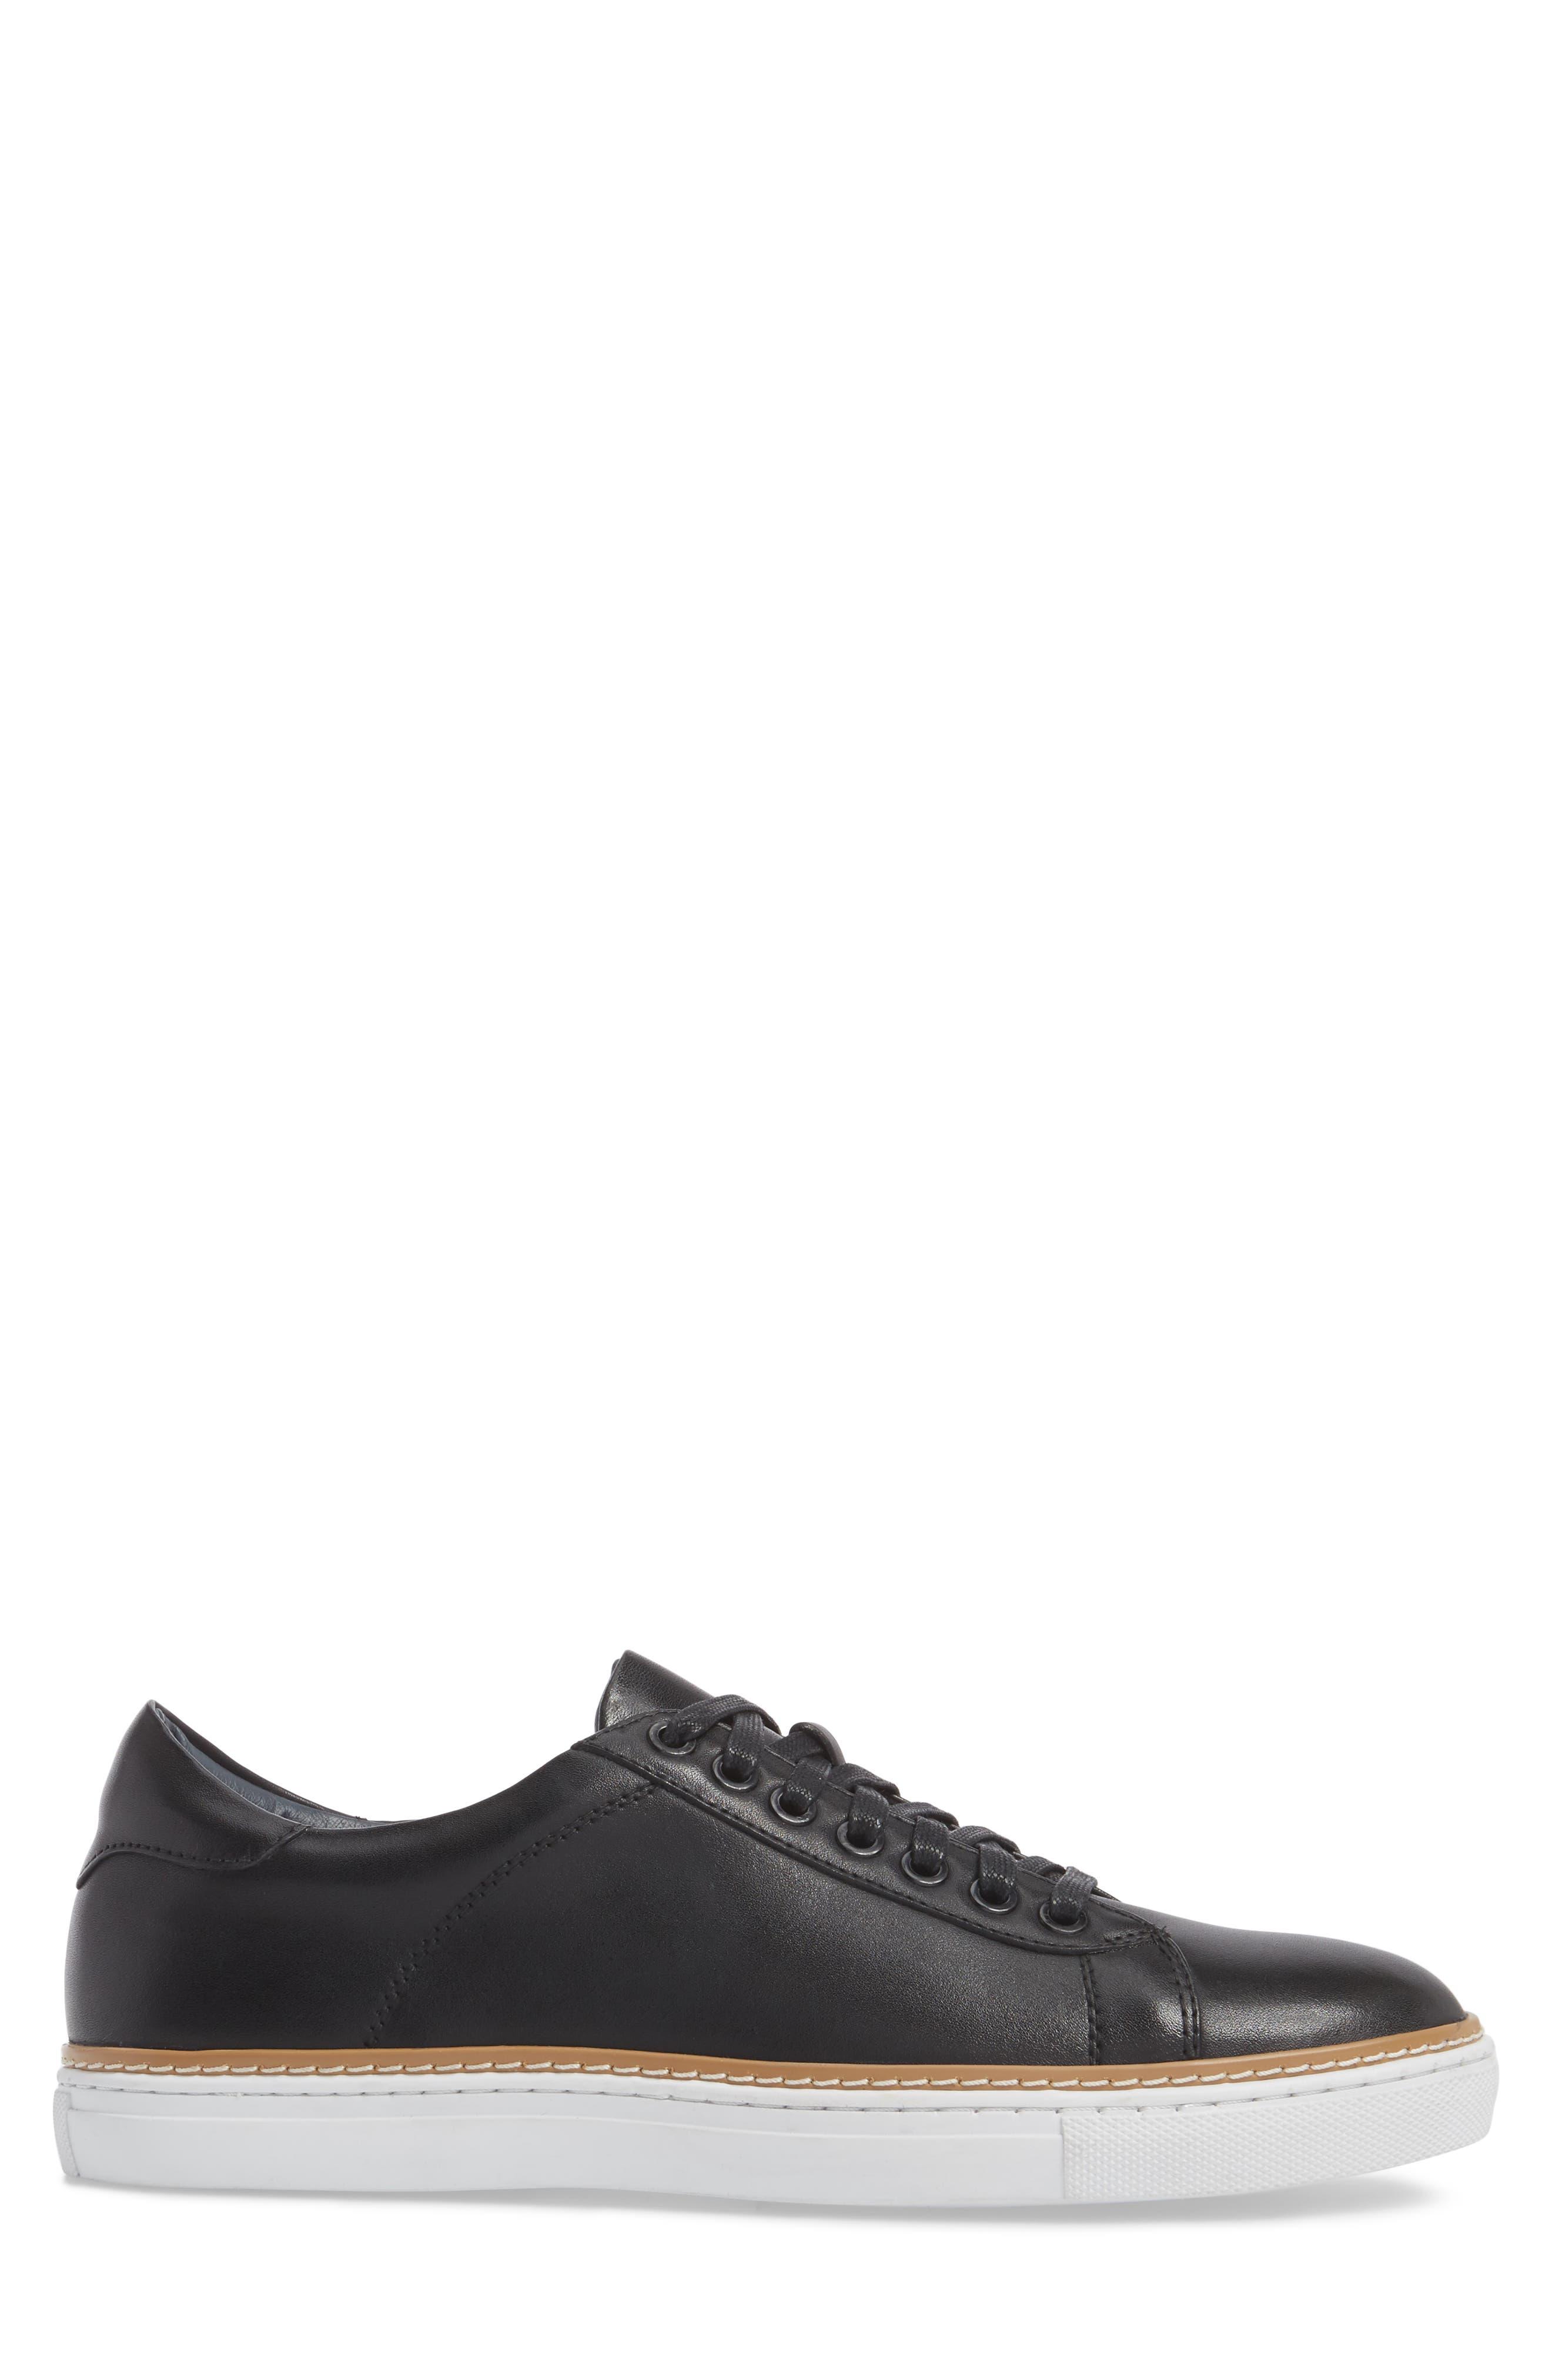 Juniper Low Top Sneaker,                             Alternate thumbnail 3, color,                             BLACK LEATHER